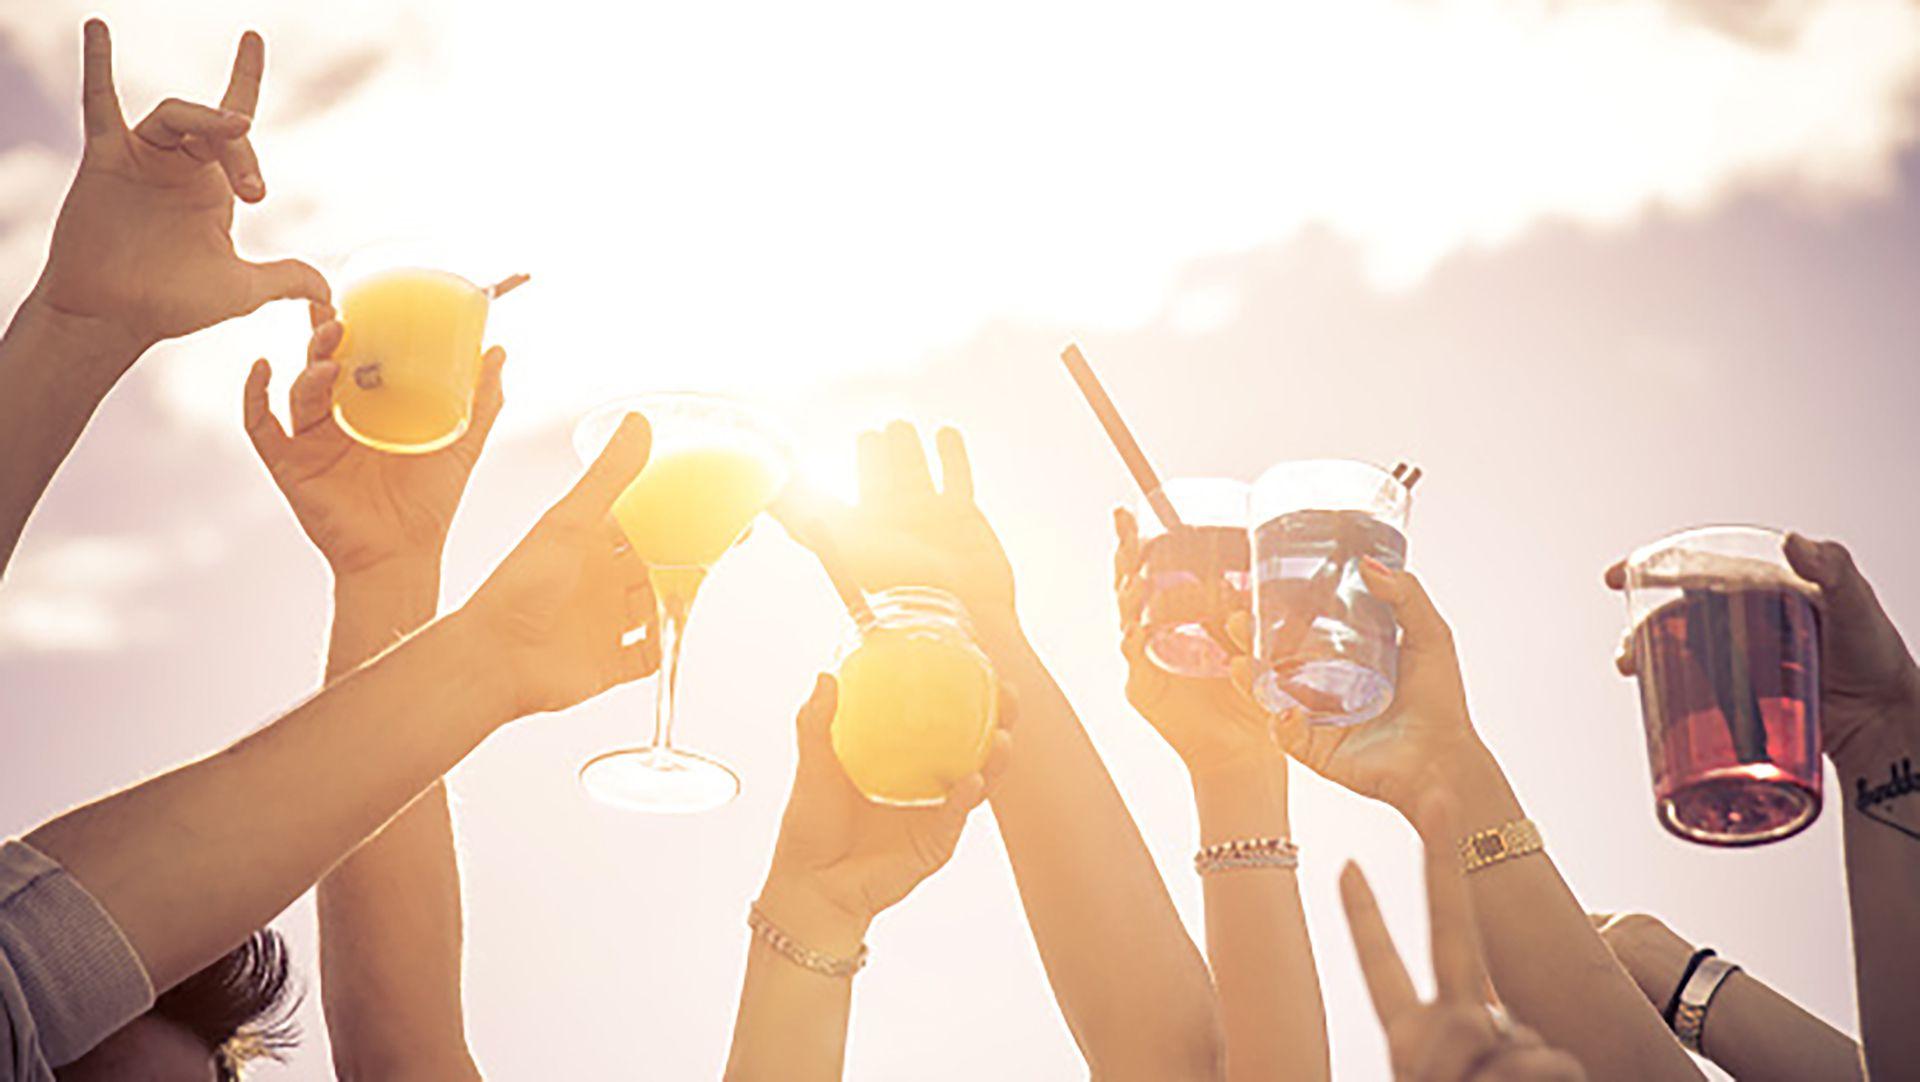 Además de la comida, en la décima edición de la feria Masticar se destacan los sabores más refrescantes de las nuevas bebidas y tragos de moda